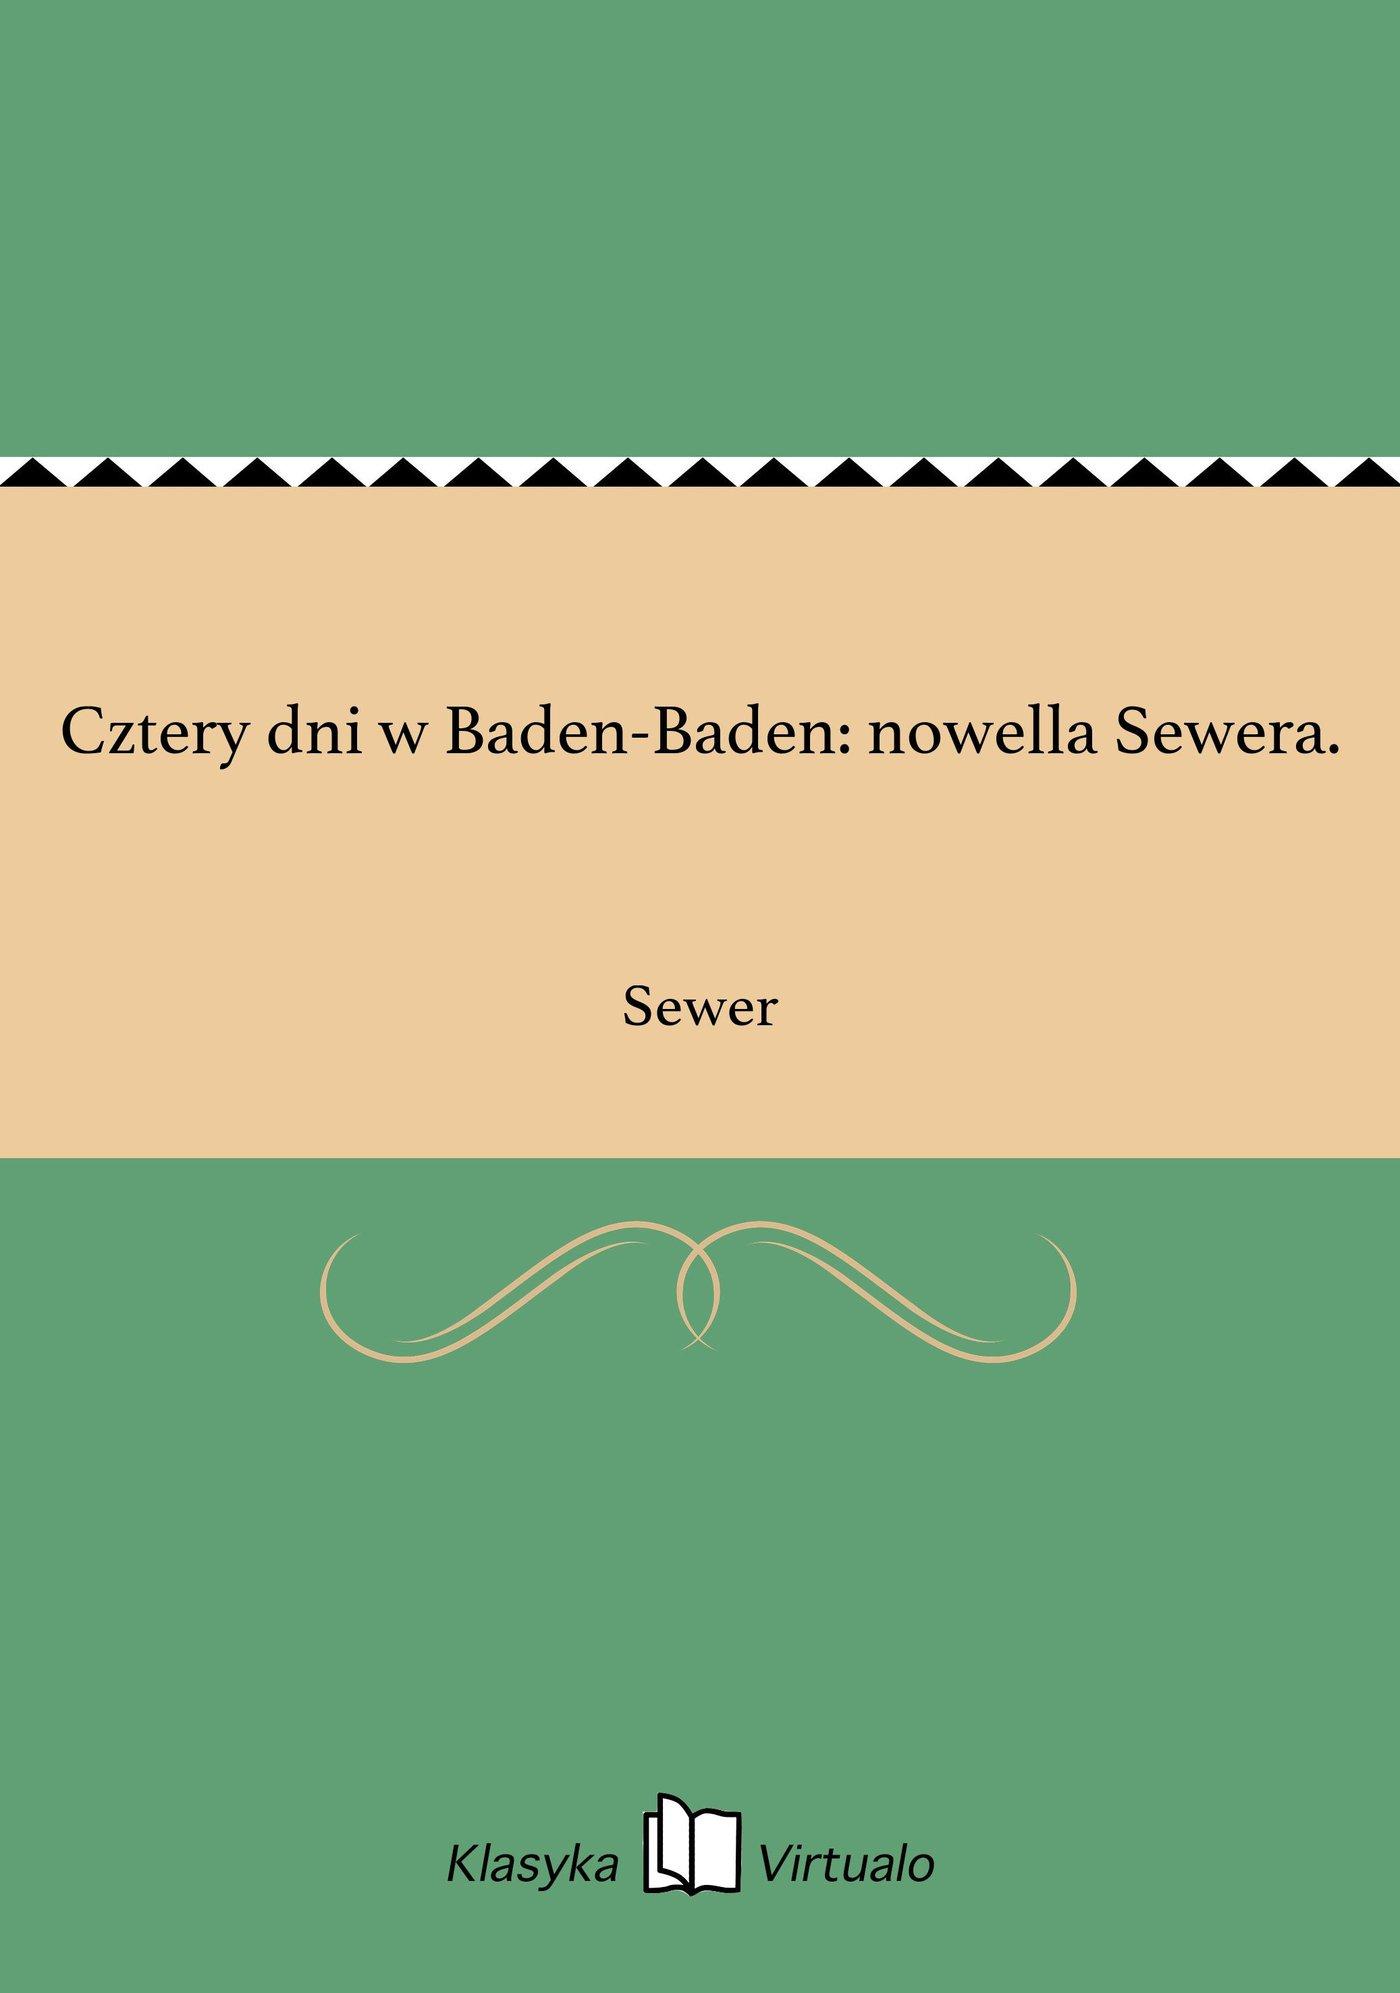 Cztery dni w Baden-Baden: nowella Sewera. - Ebook (Książka na Kindle) do pobrania w formacie MOBI